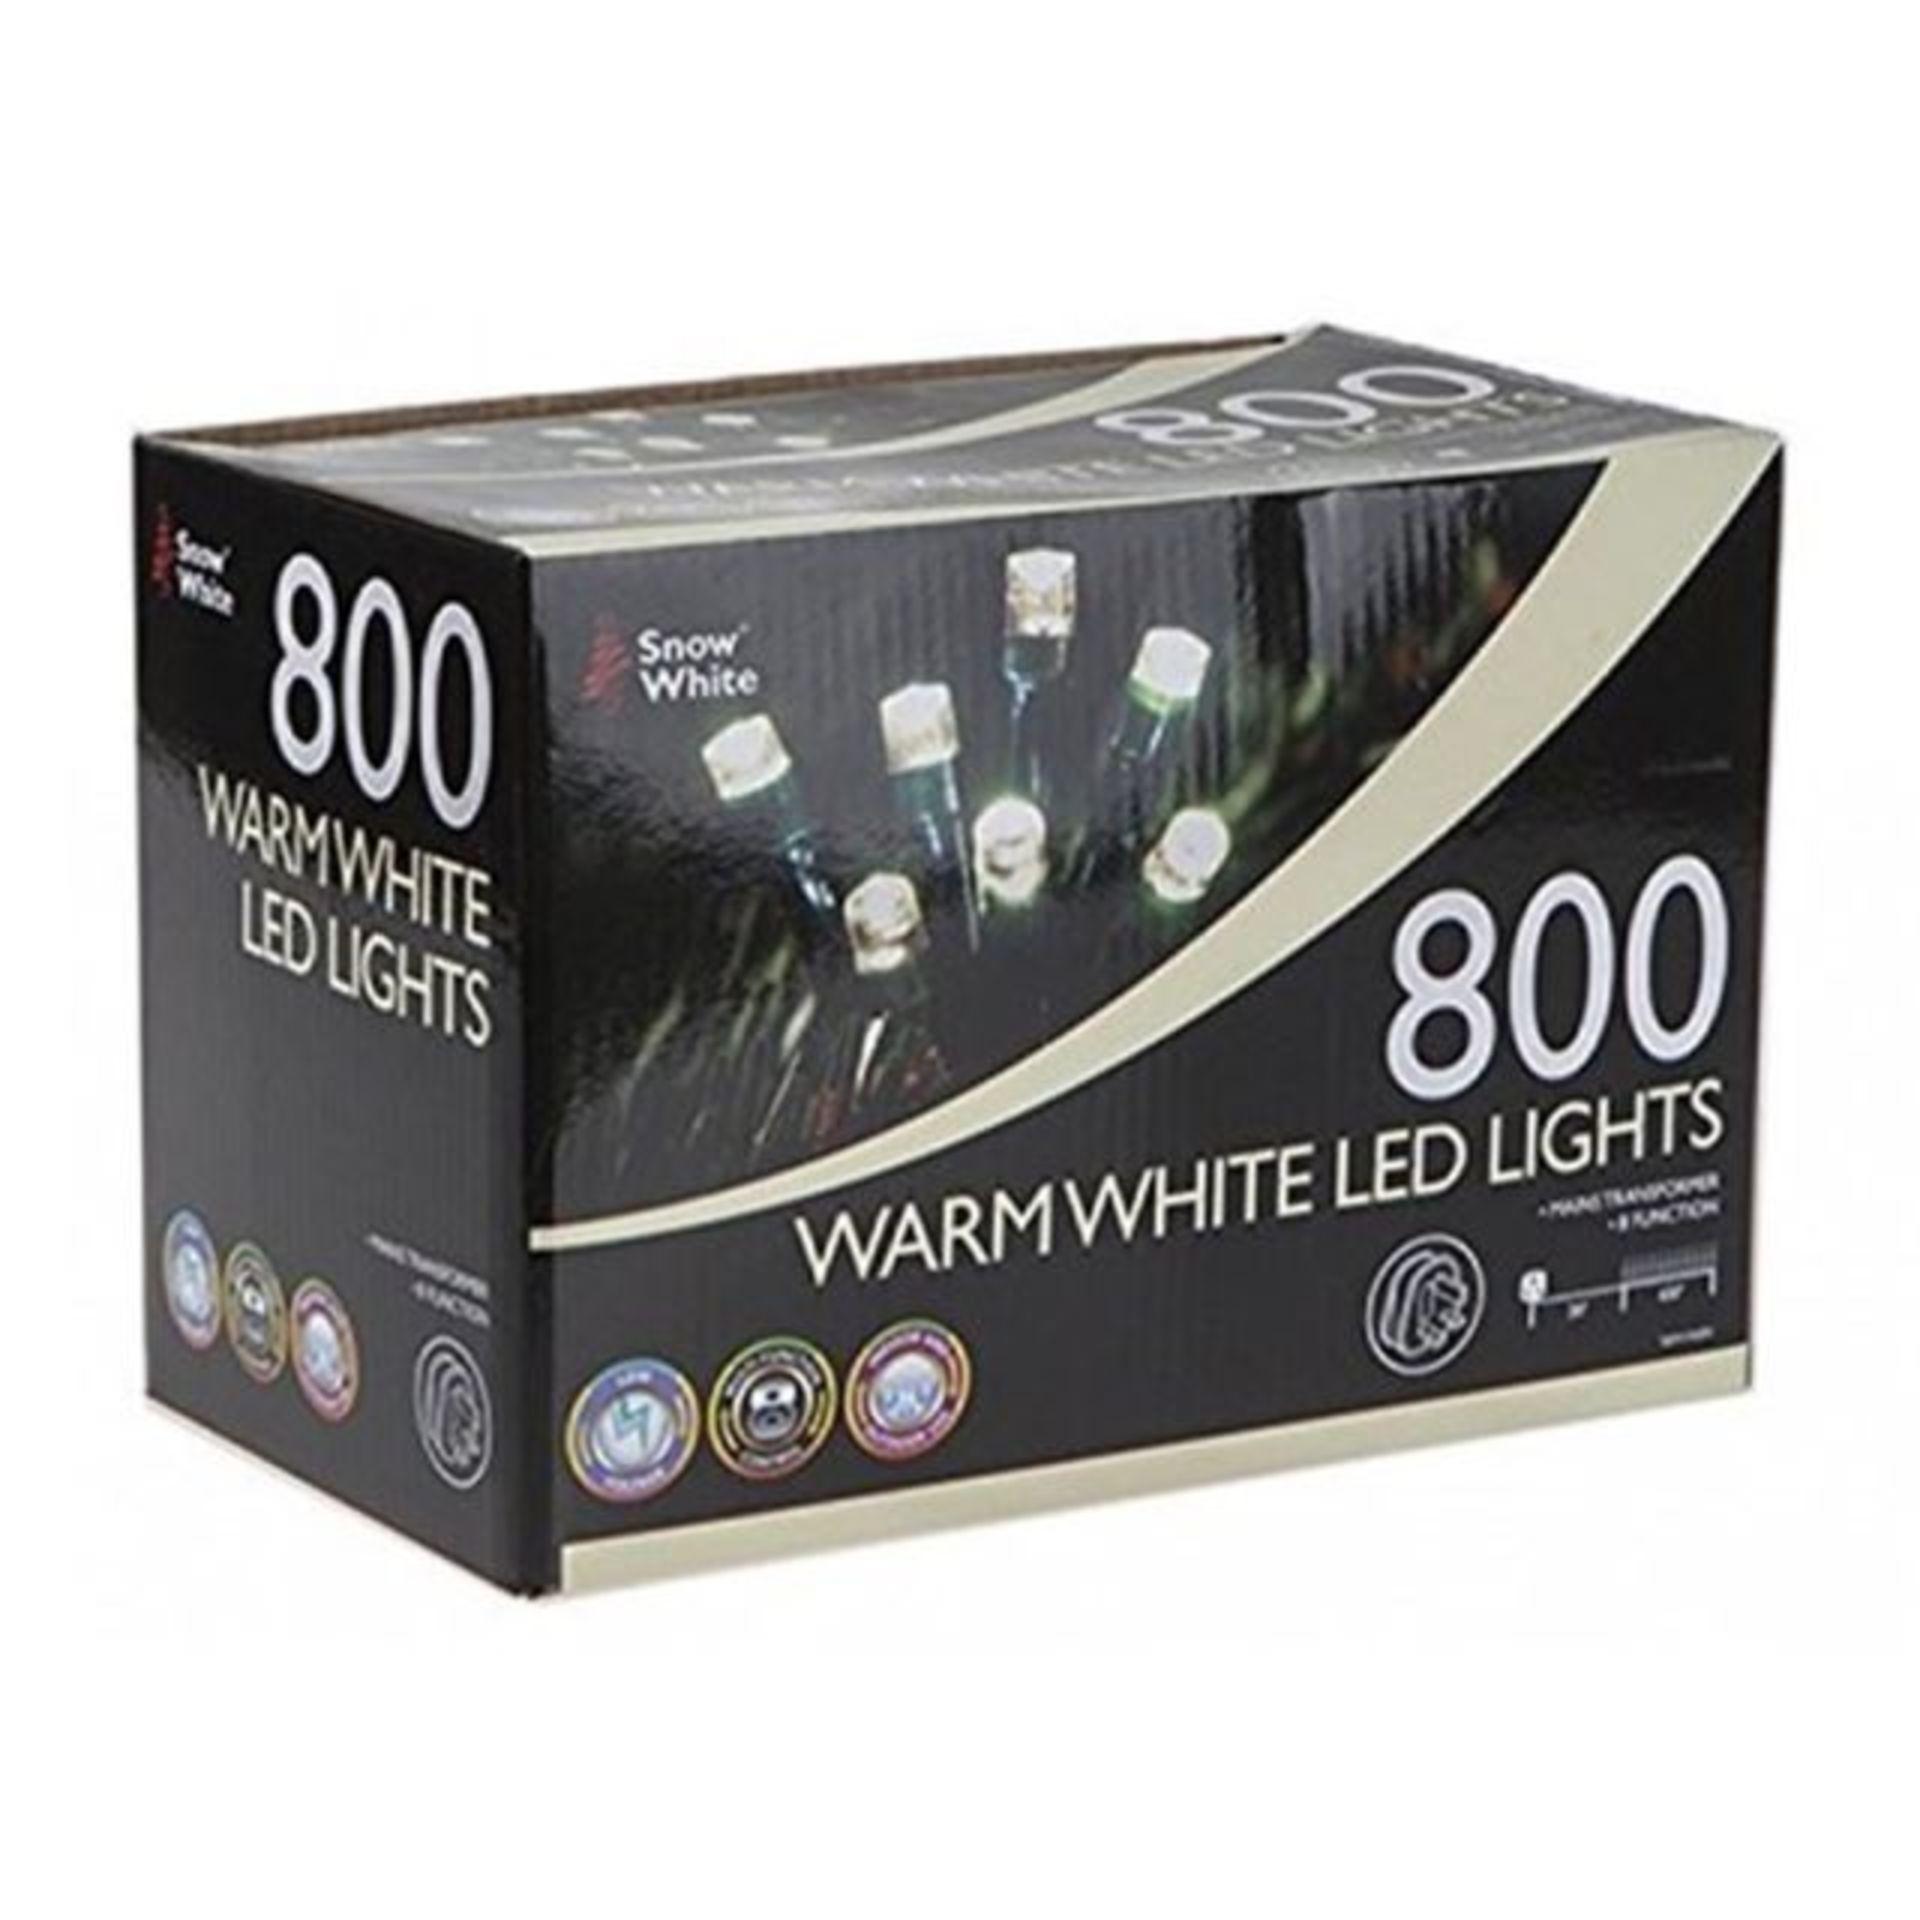 Lot 18033 - V Brand New 800 Warm White LED Multi Function Christmas Lights